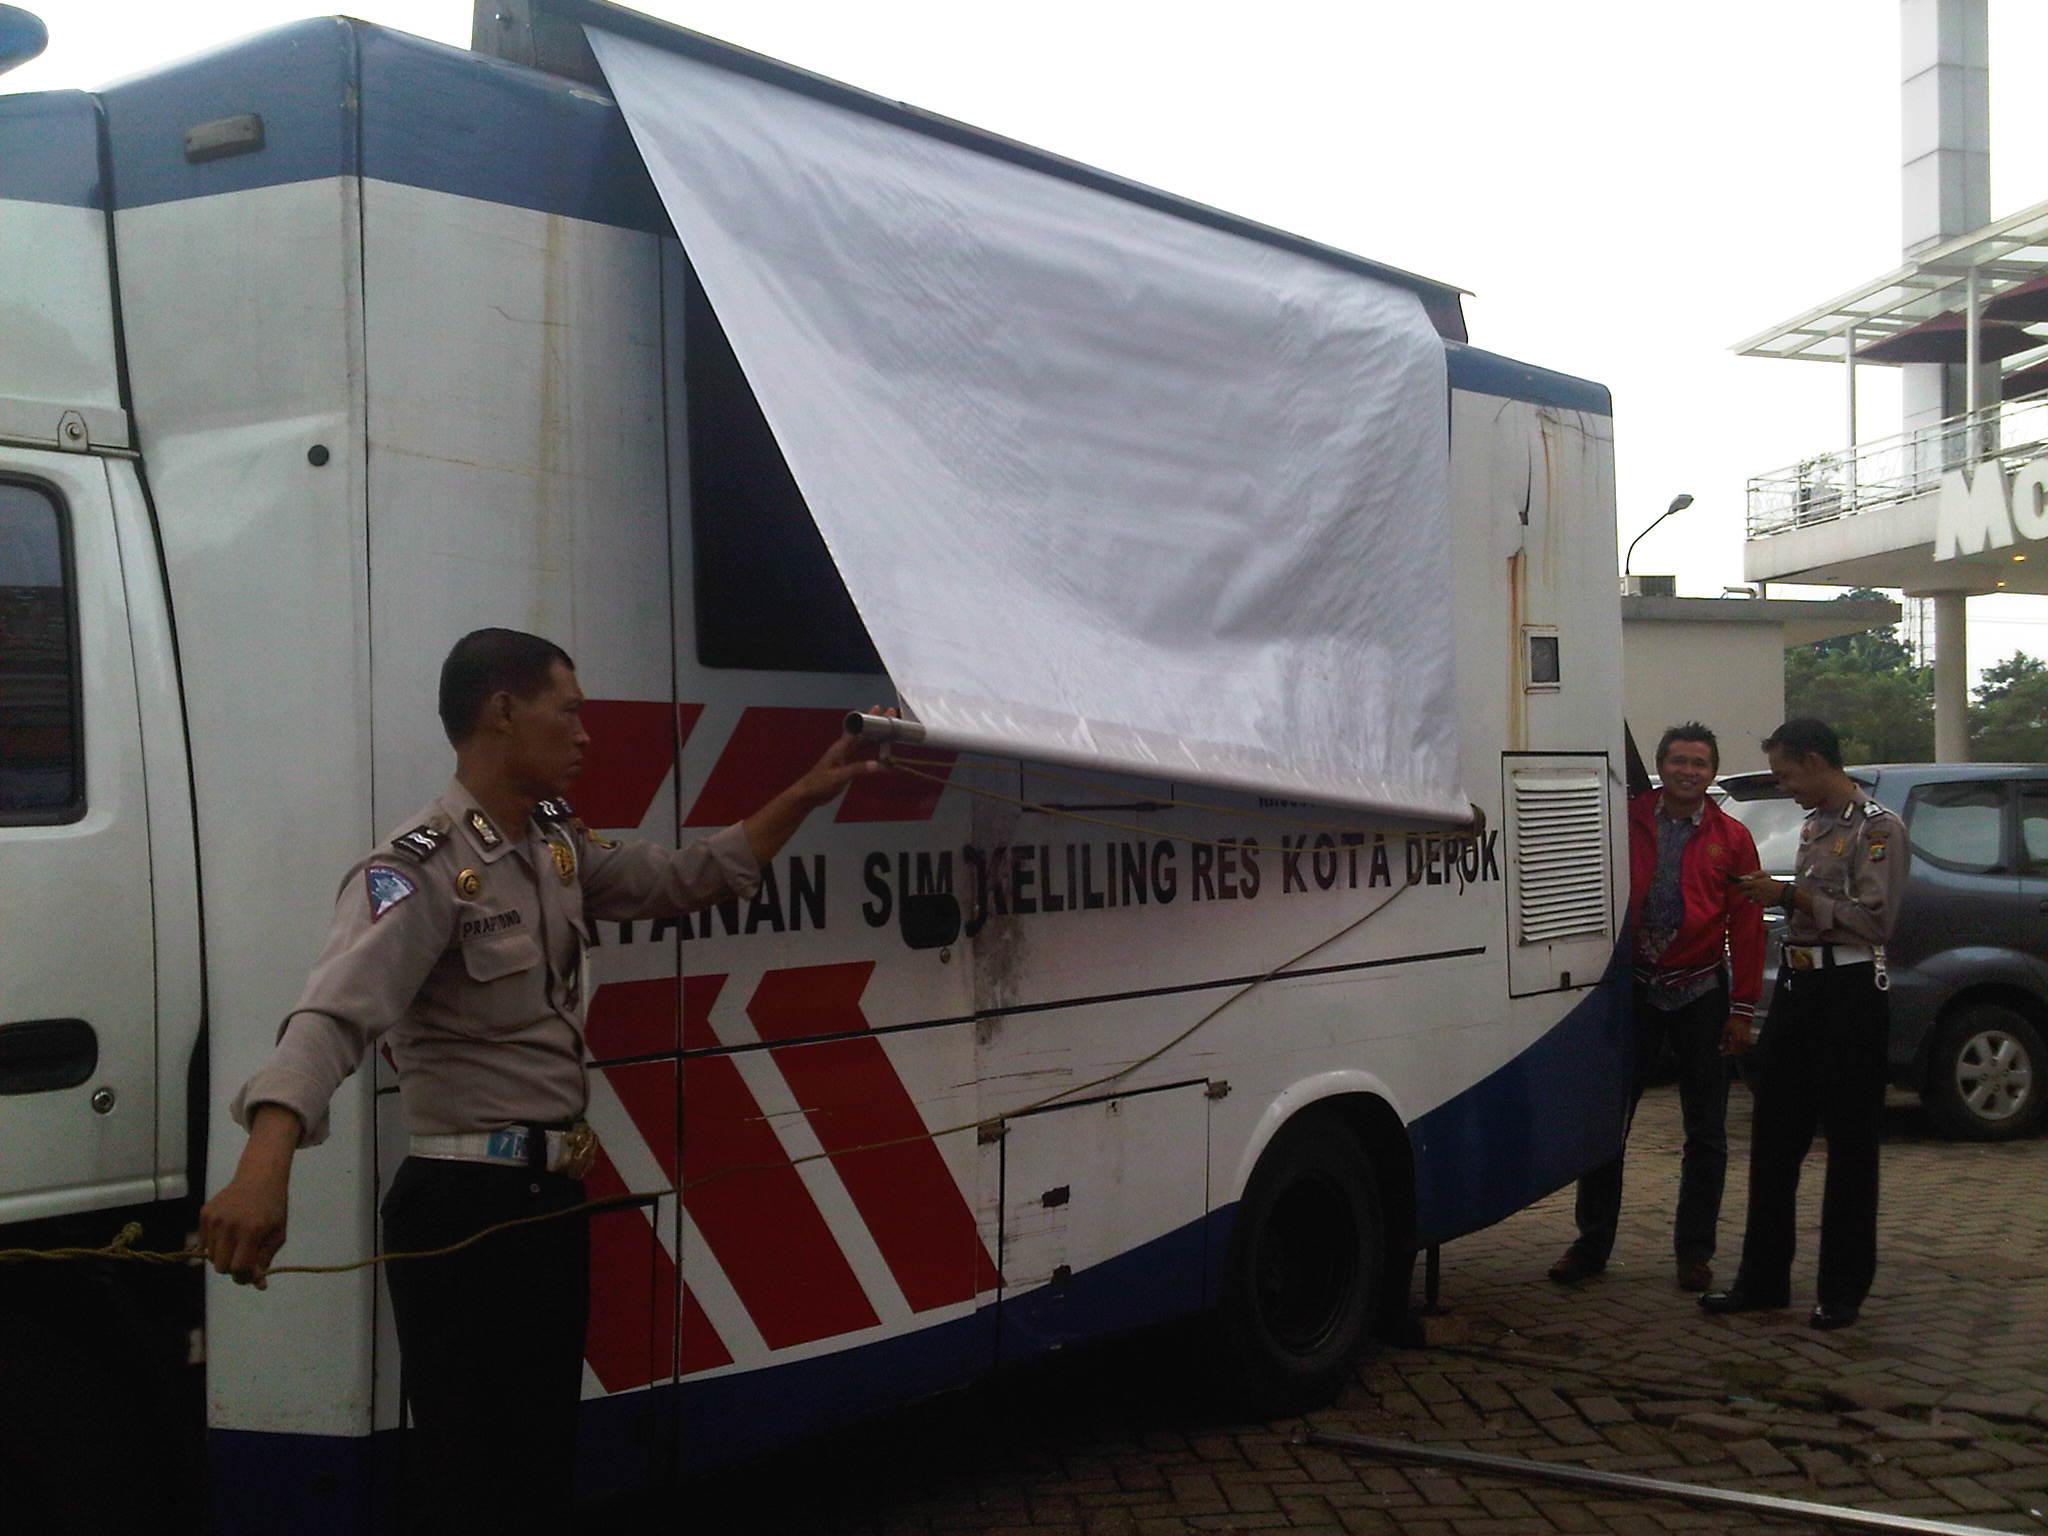 Loker Depok 2013 Icefilmsinfo Globolister Mudahnya Perpanjangan Sim Di Layanan Sim Keliling Kota Depok